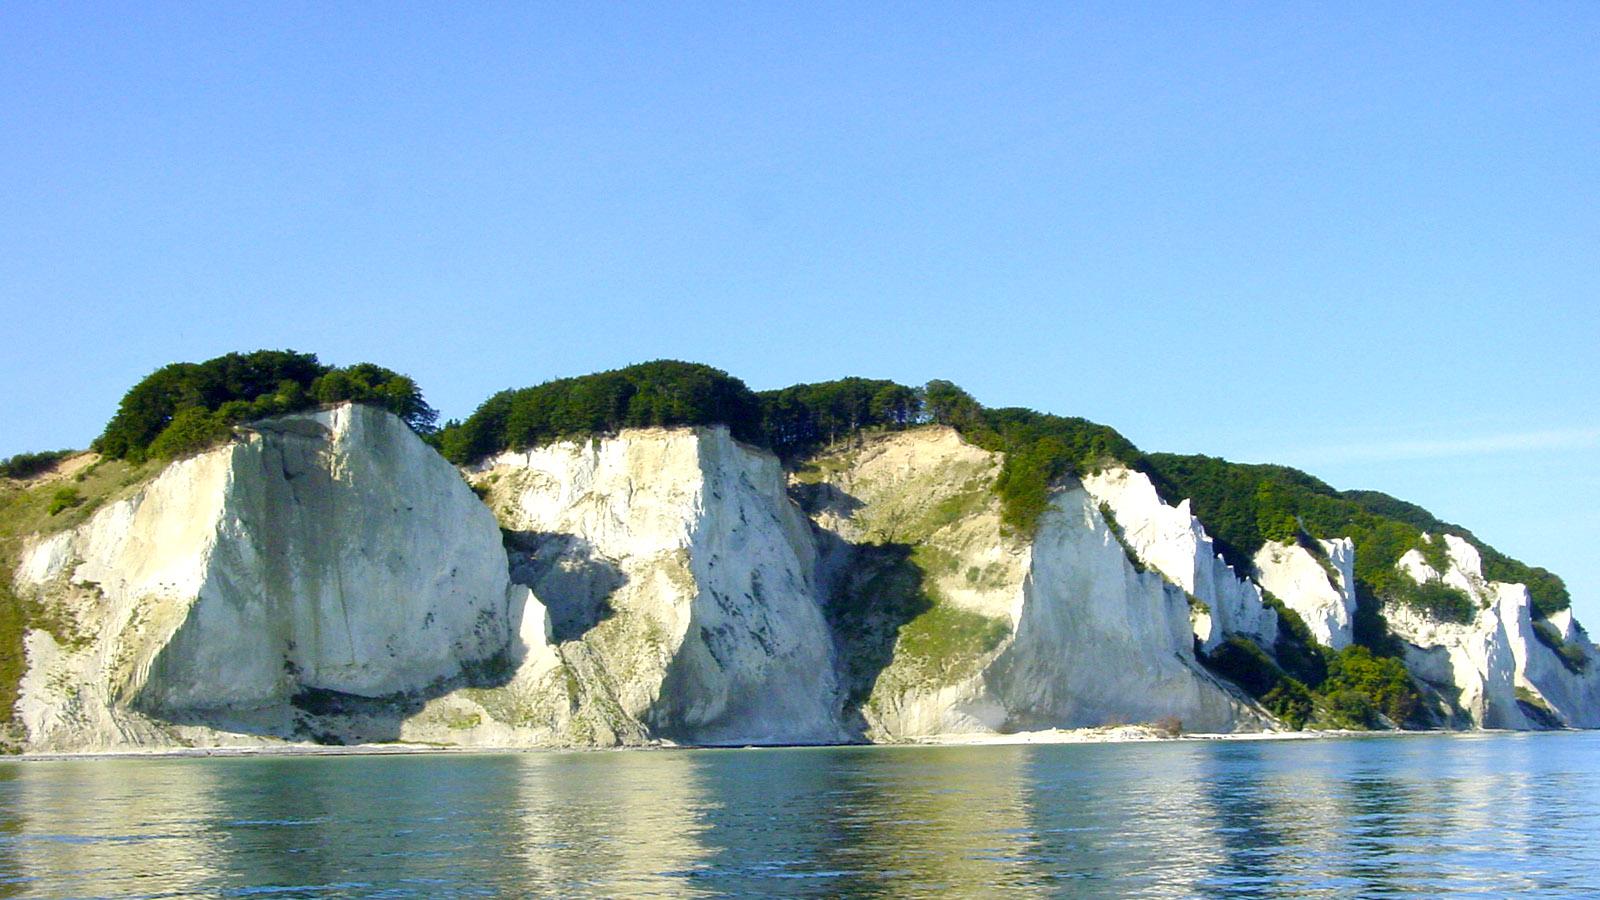 Die Kreideküste von Mön von der Wasserseite. Foto: Hilke Maunder